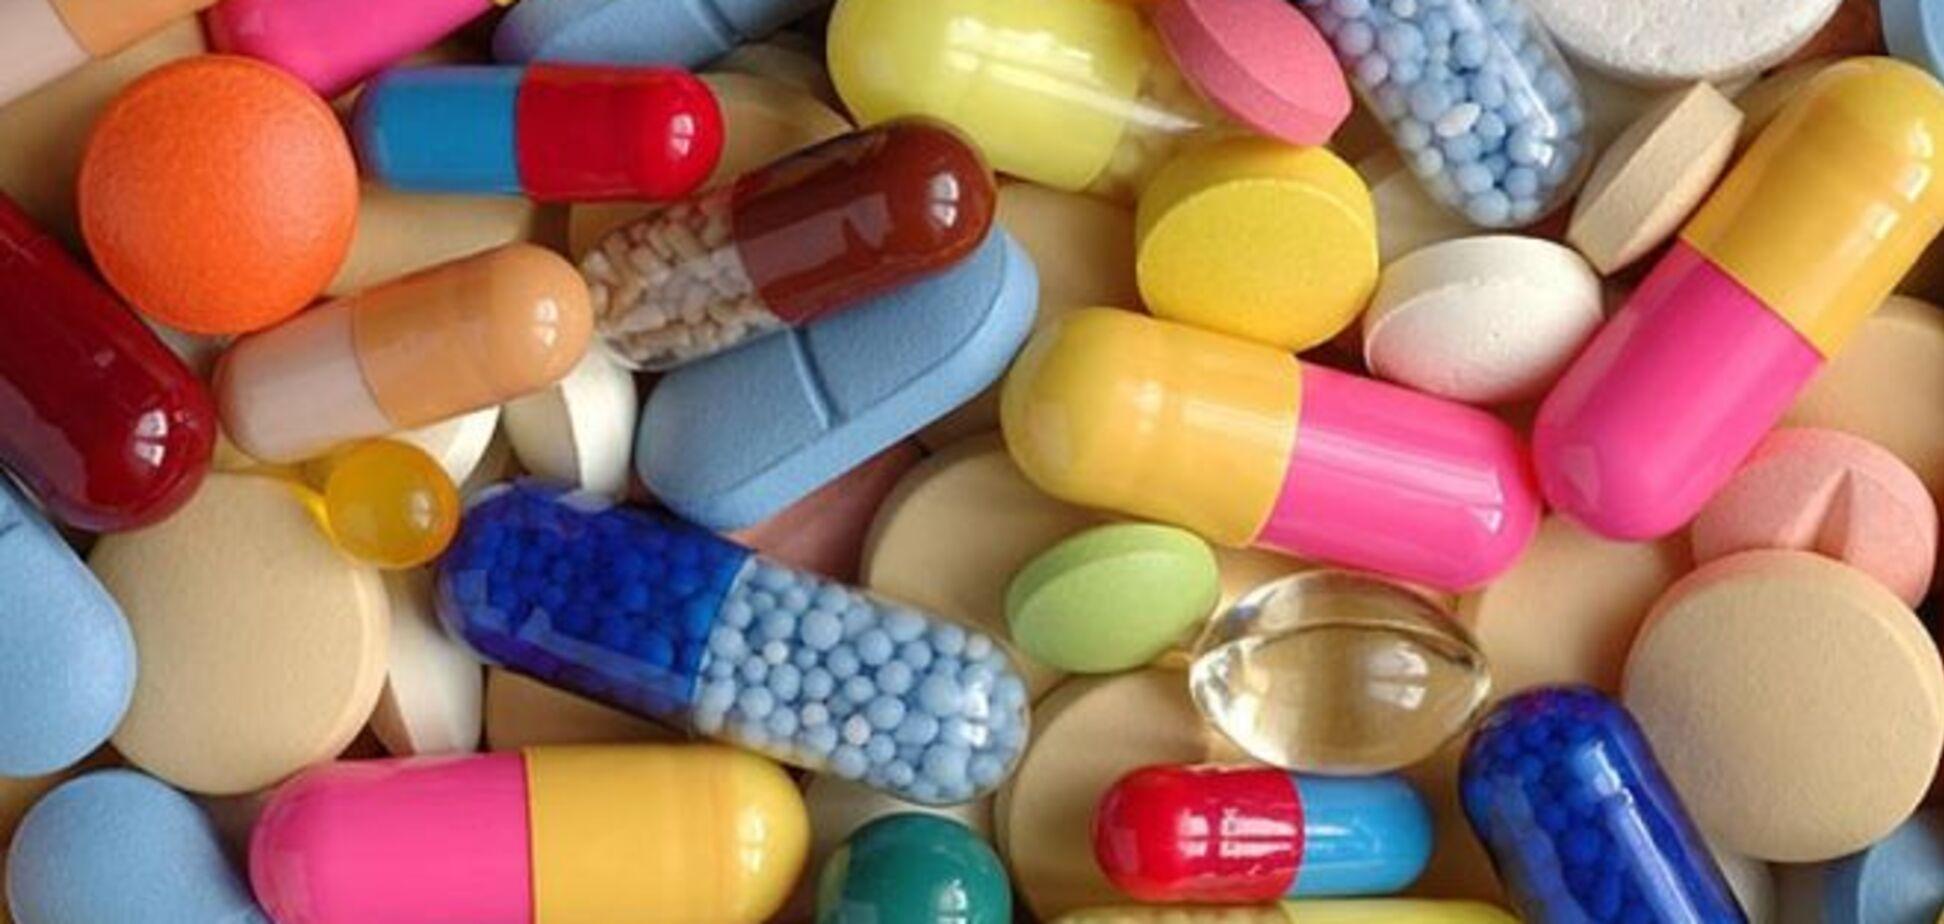 Витамины могут стать причиной рака